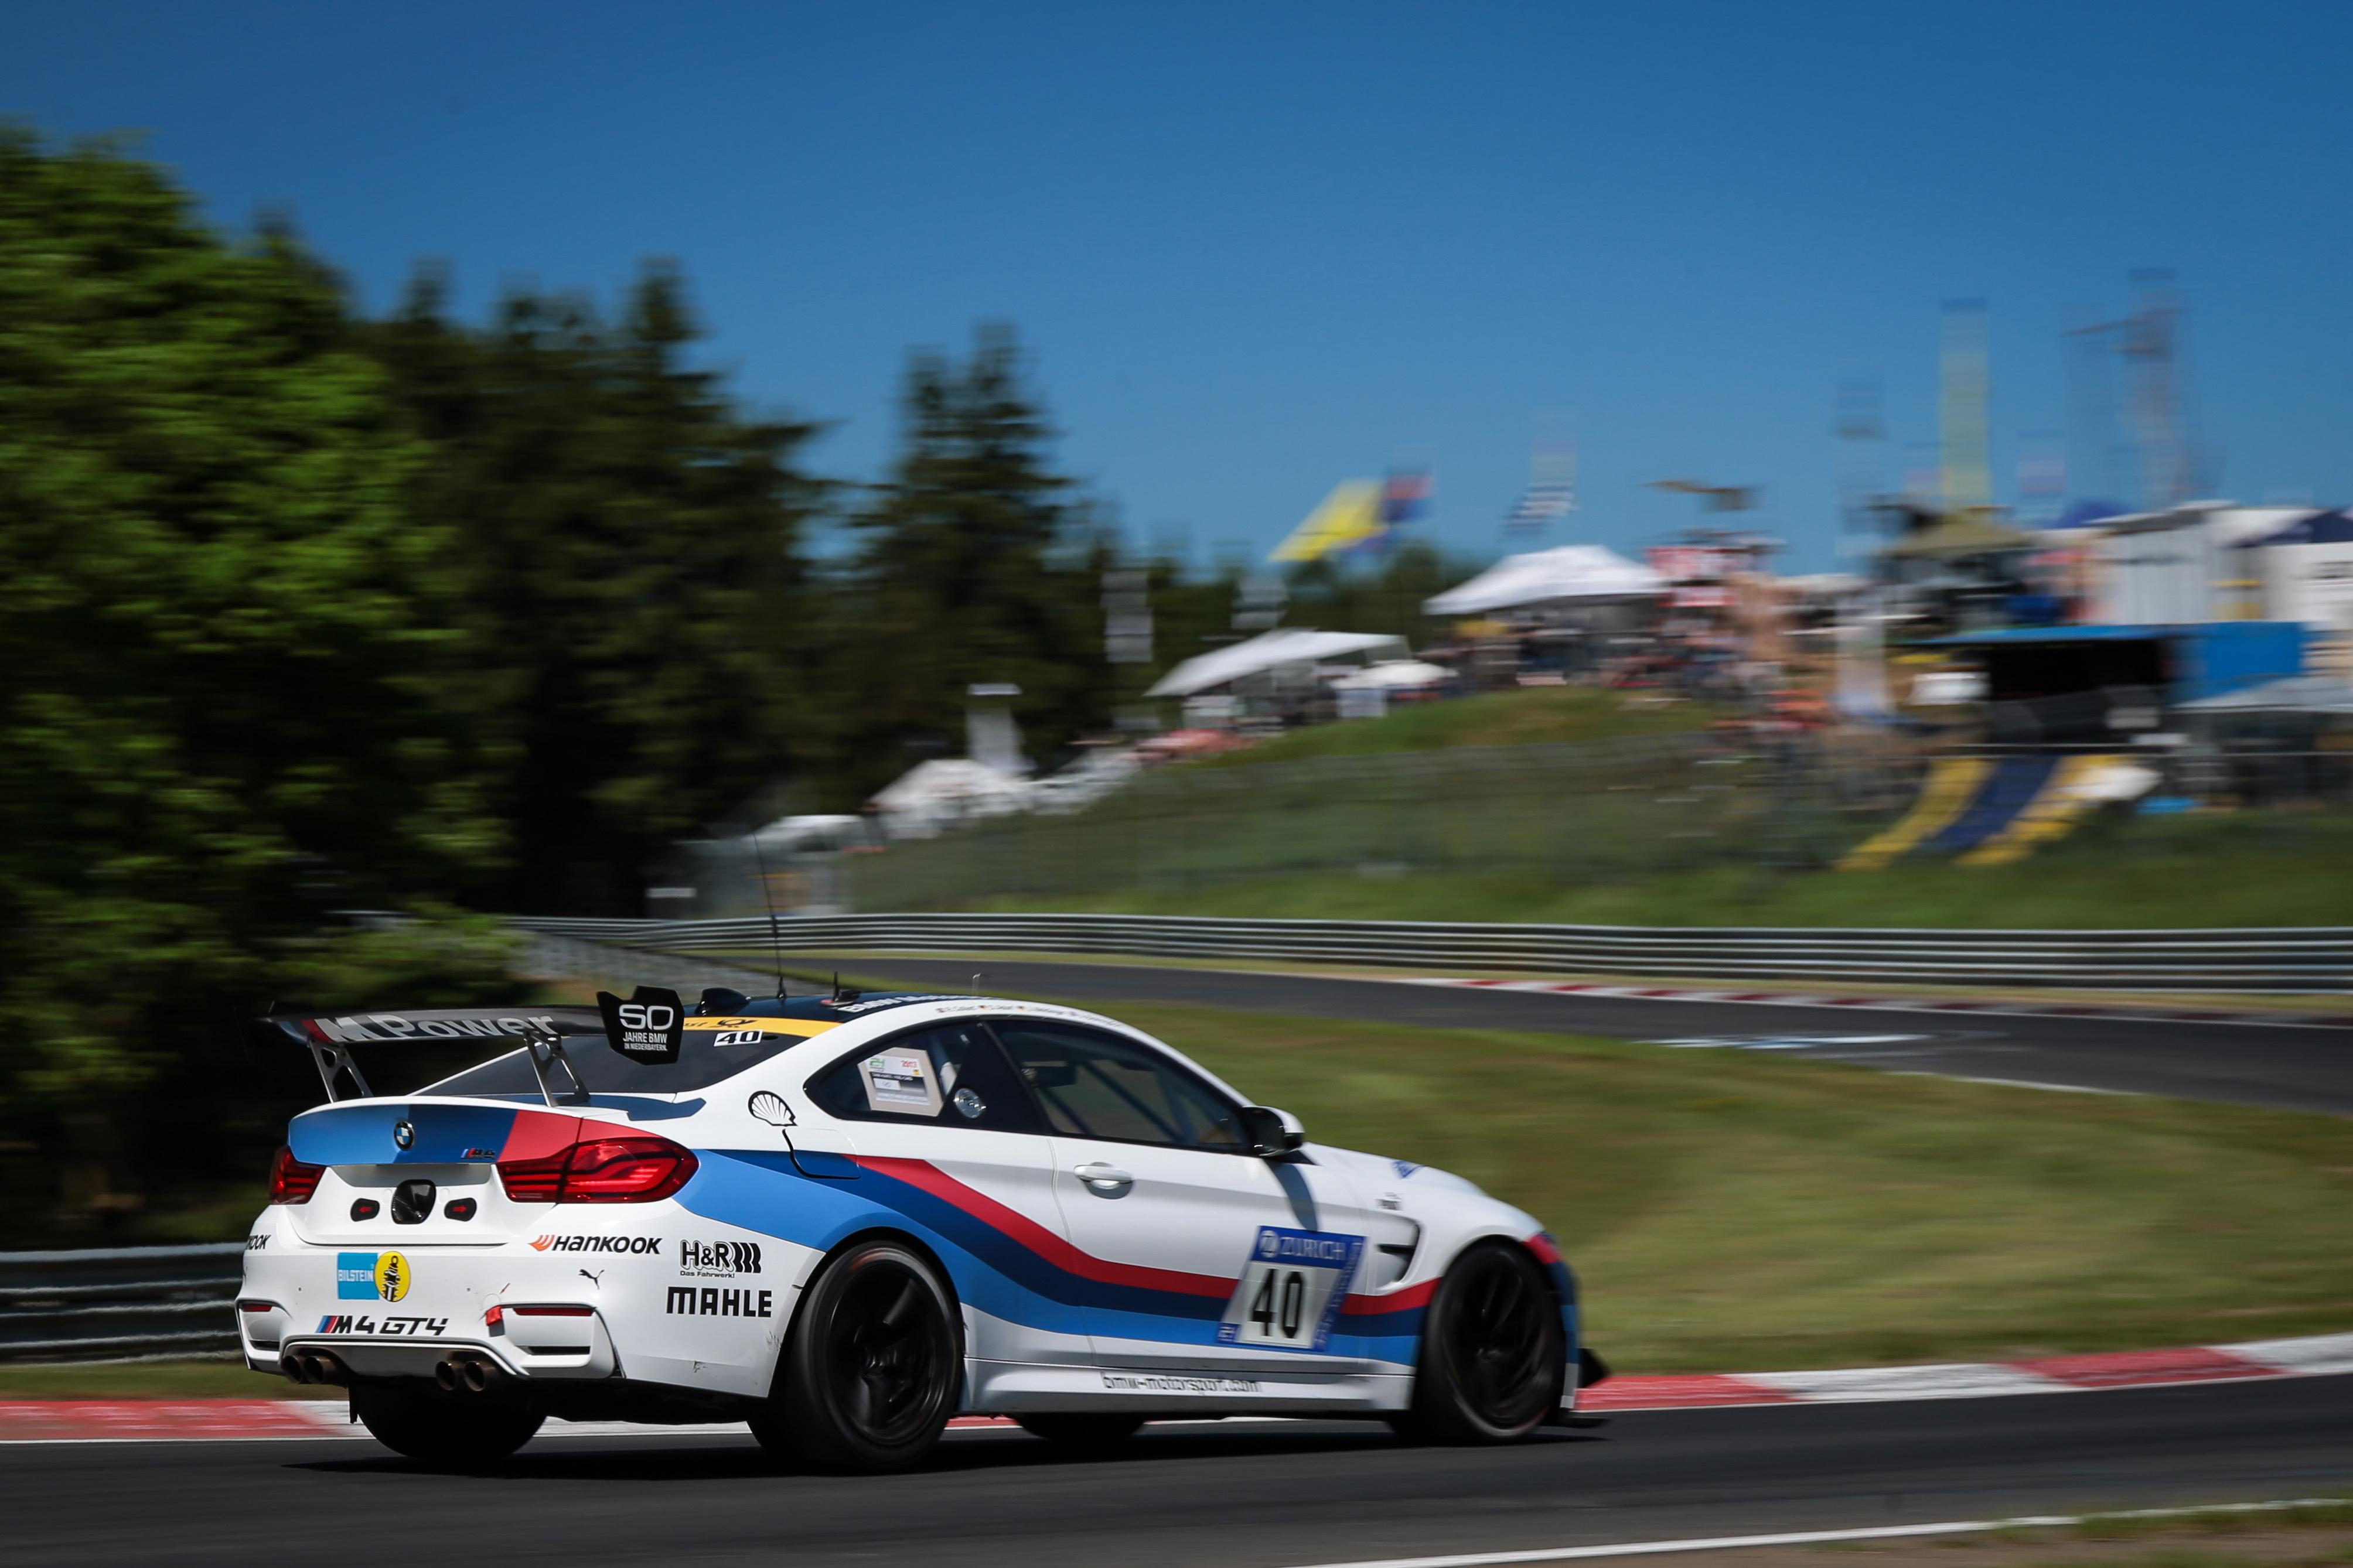 20170606_Hankook_equips_a_new_customer-racing_model_from_BMW_Motorsport_02